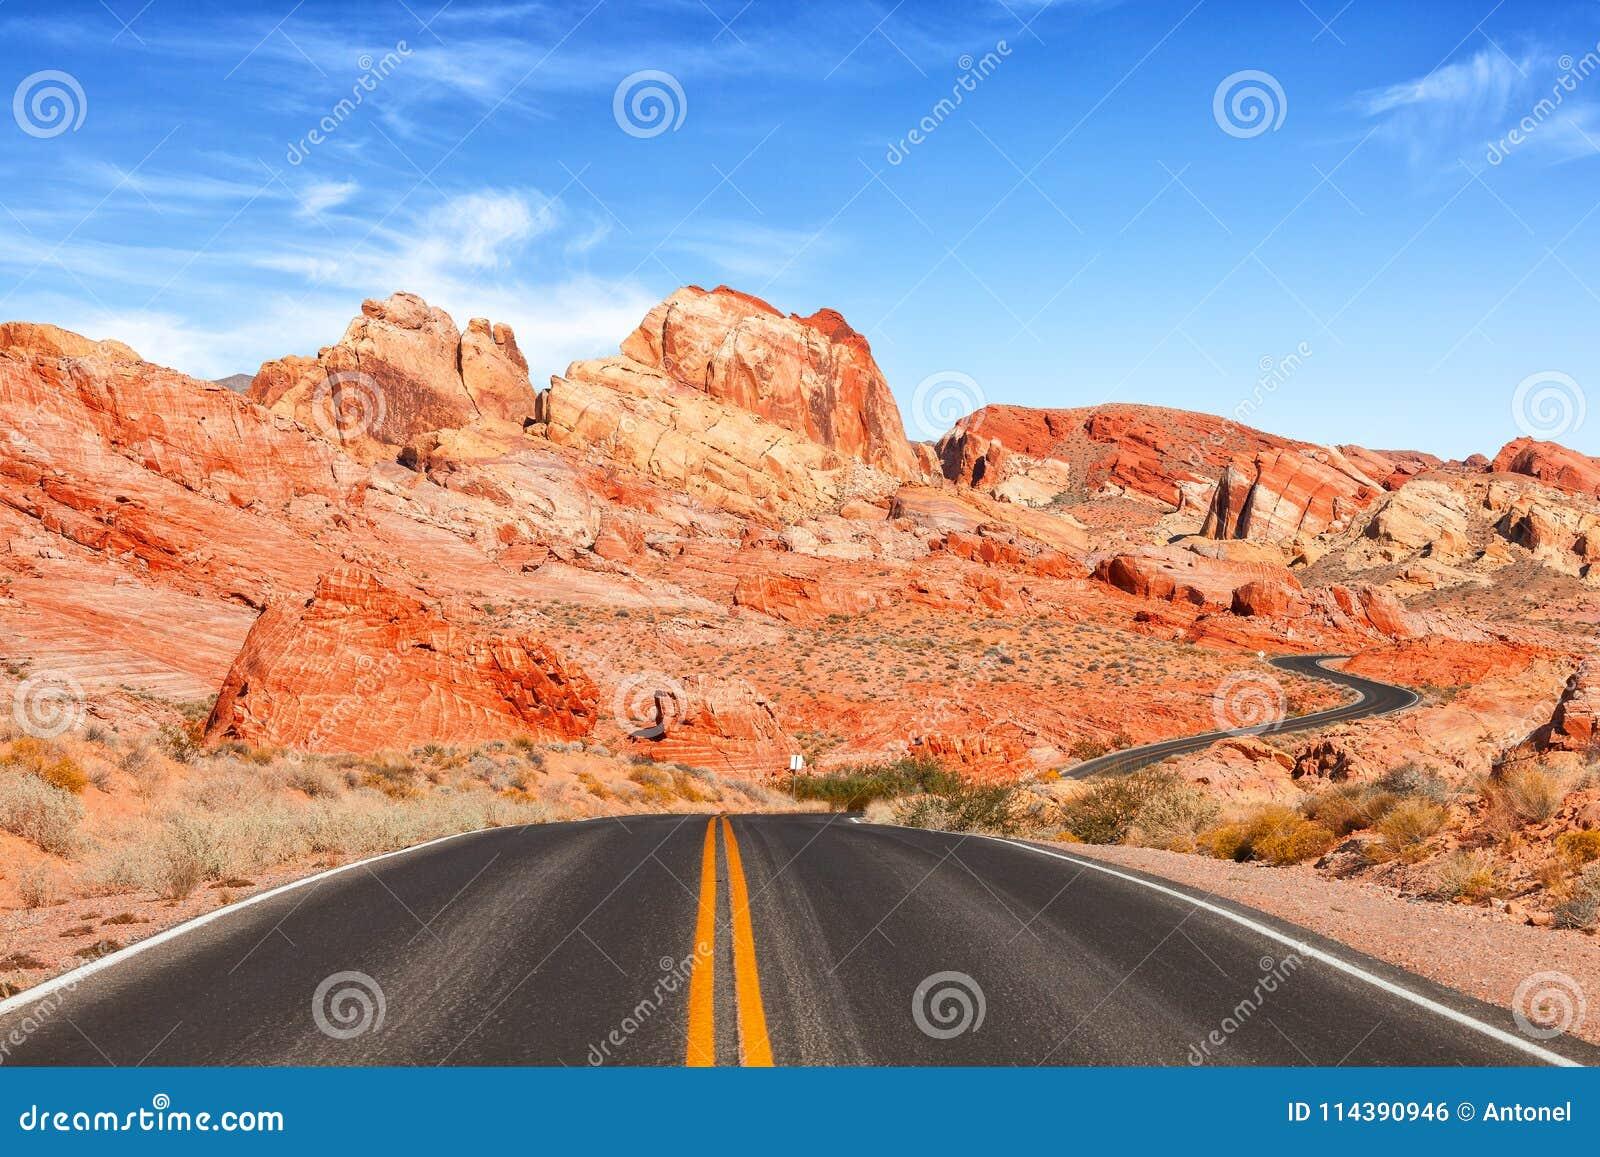 Visión escénica desde el camino en el valle del parque de estado del fuego, Nevada, Estados Unidos